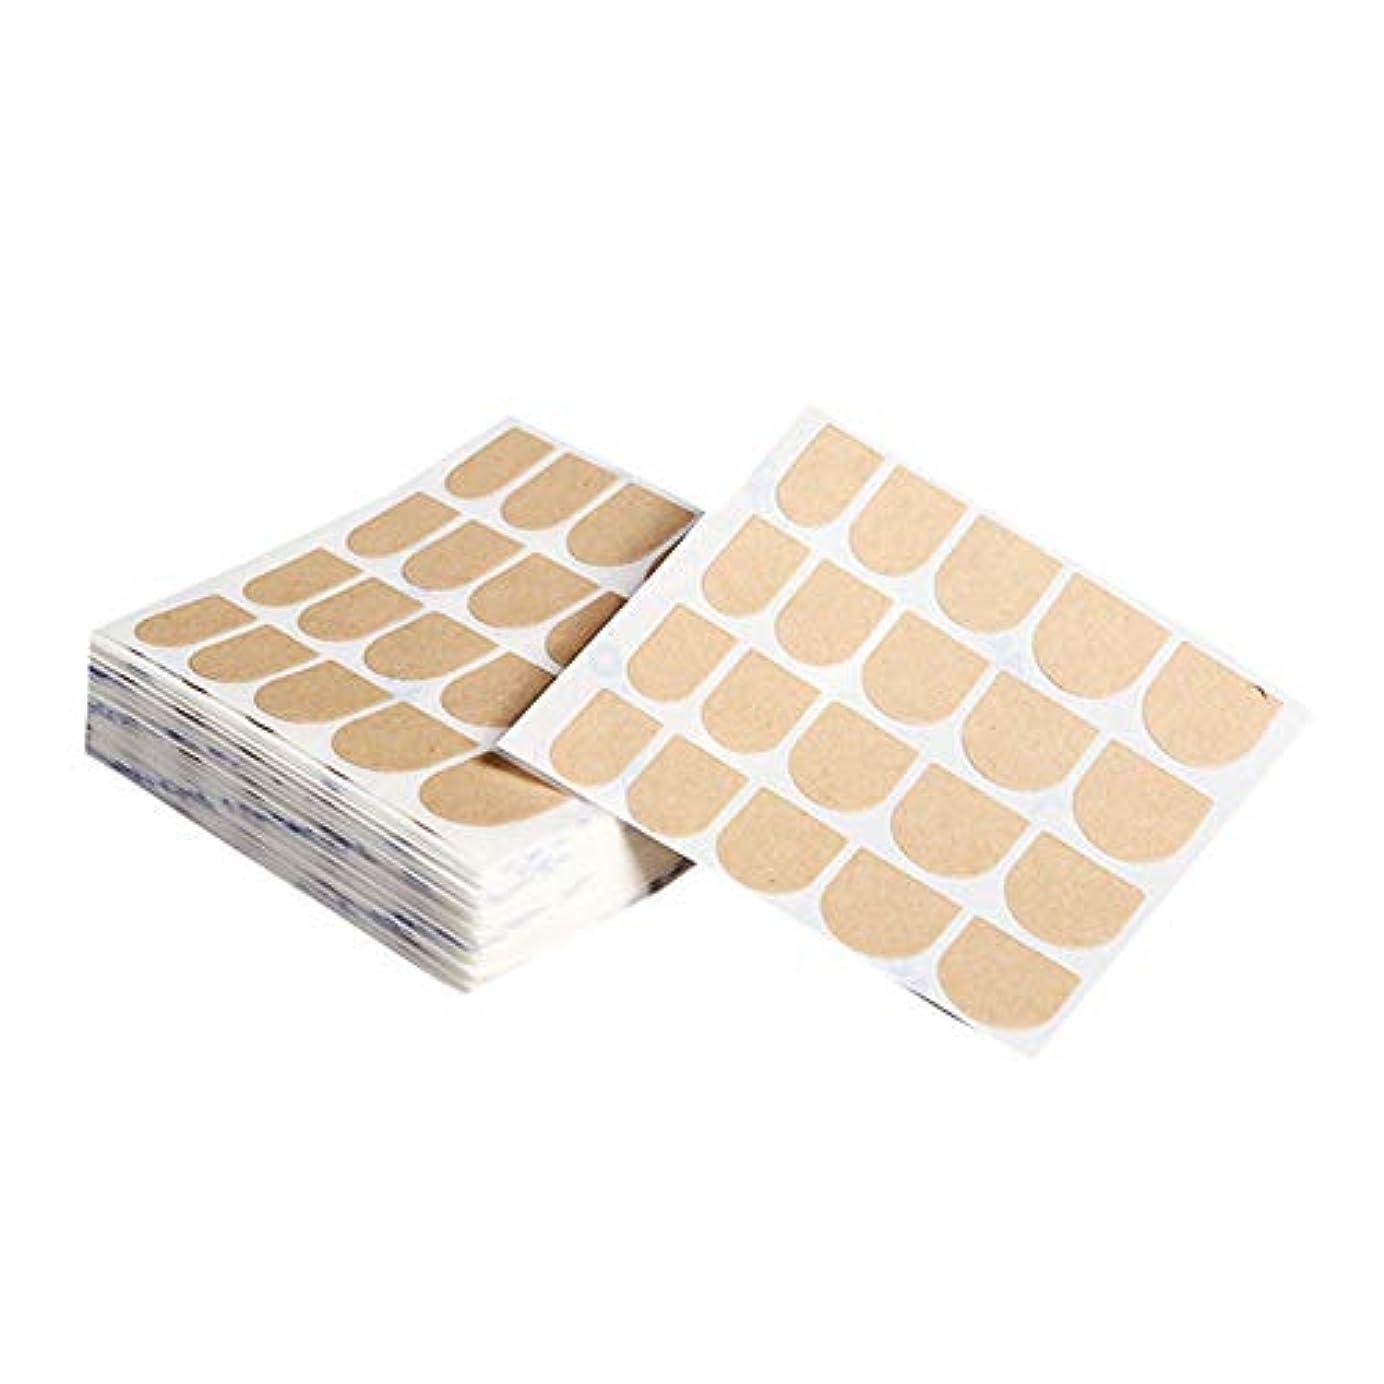 終了しましたポンペイ褐色ACHICOO ネイルアートステッカー 20個 ネイルアート チップネイル ステッカーデカール DIY アクセサリー 20PCS 20pcs packaged